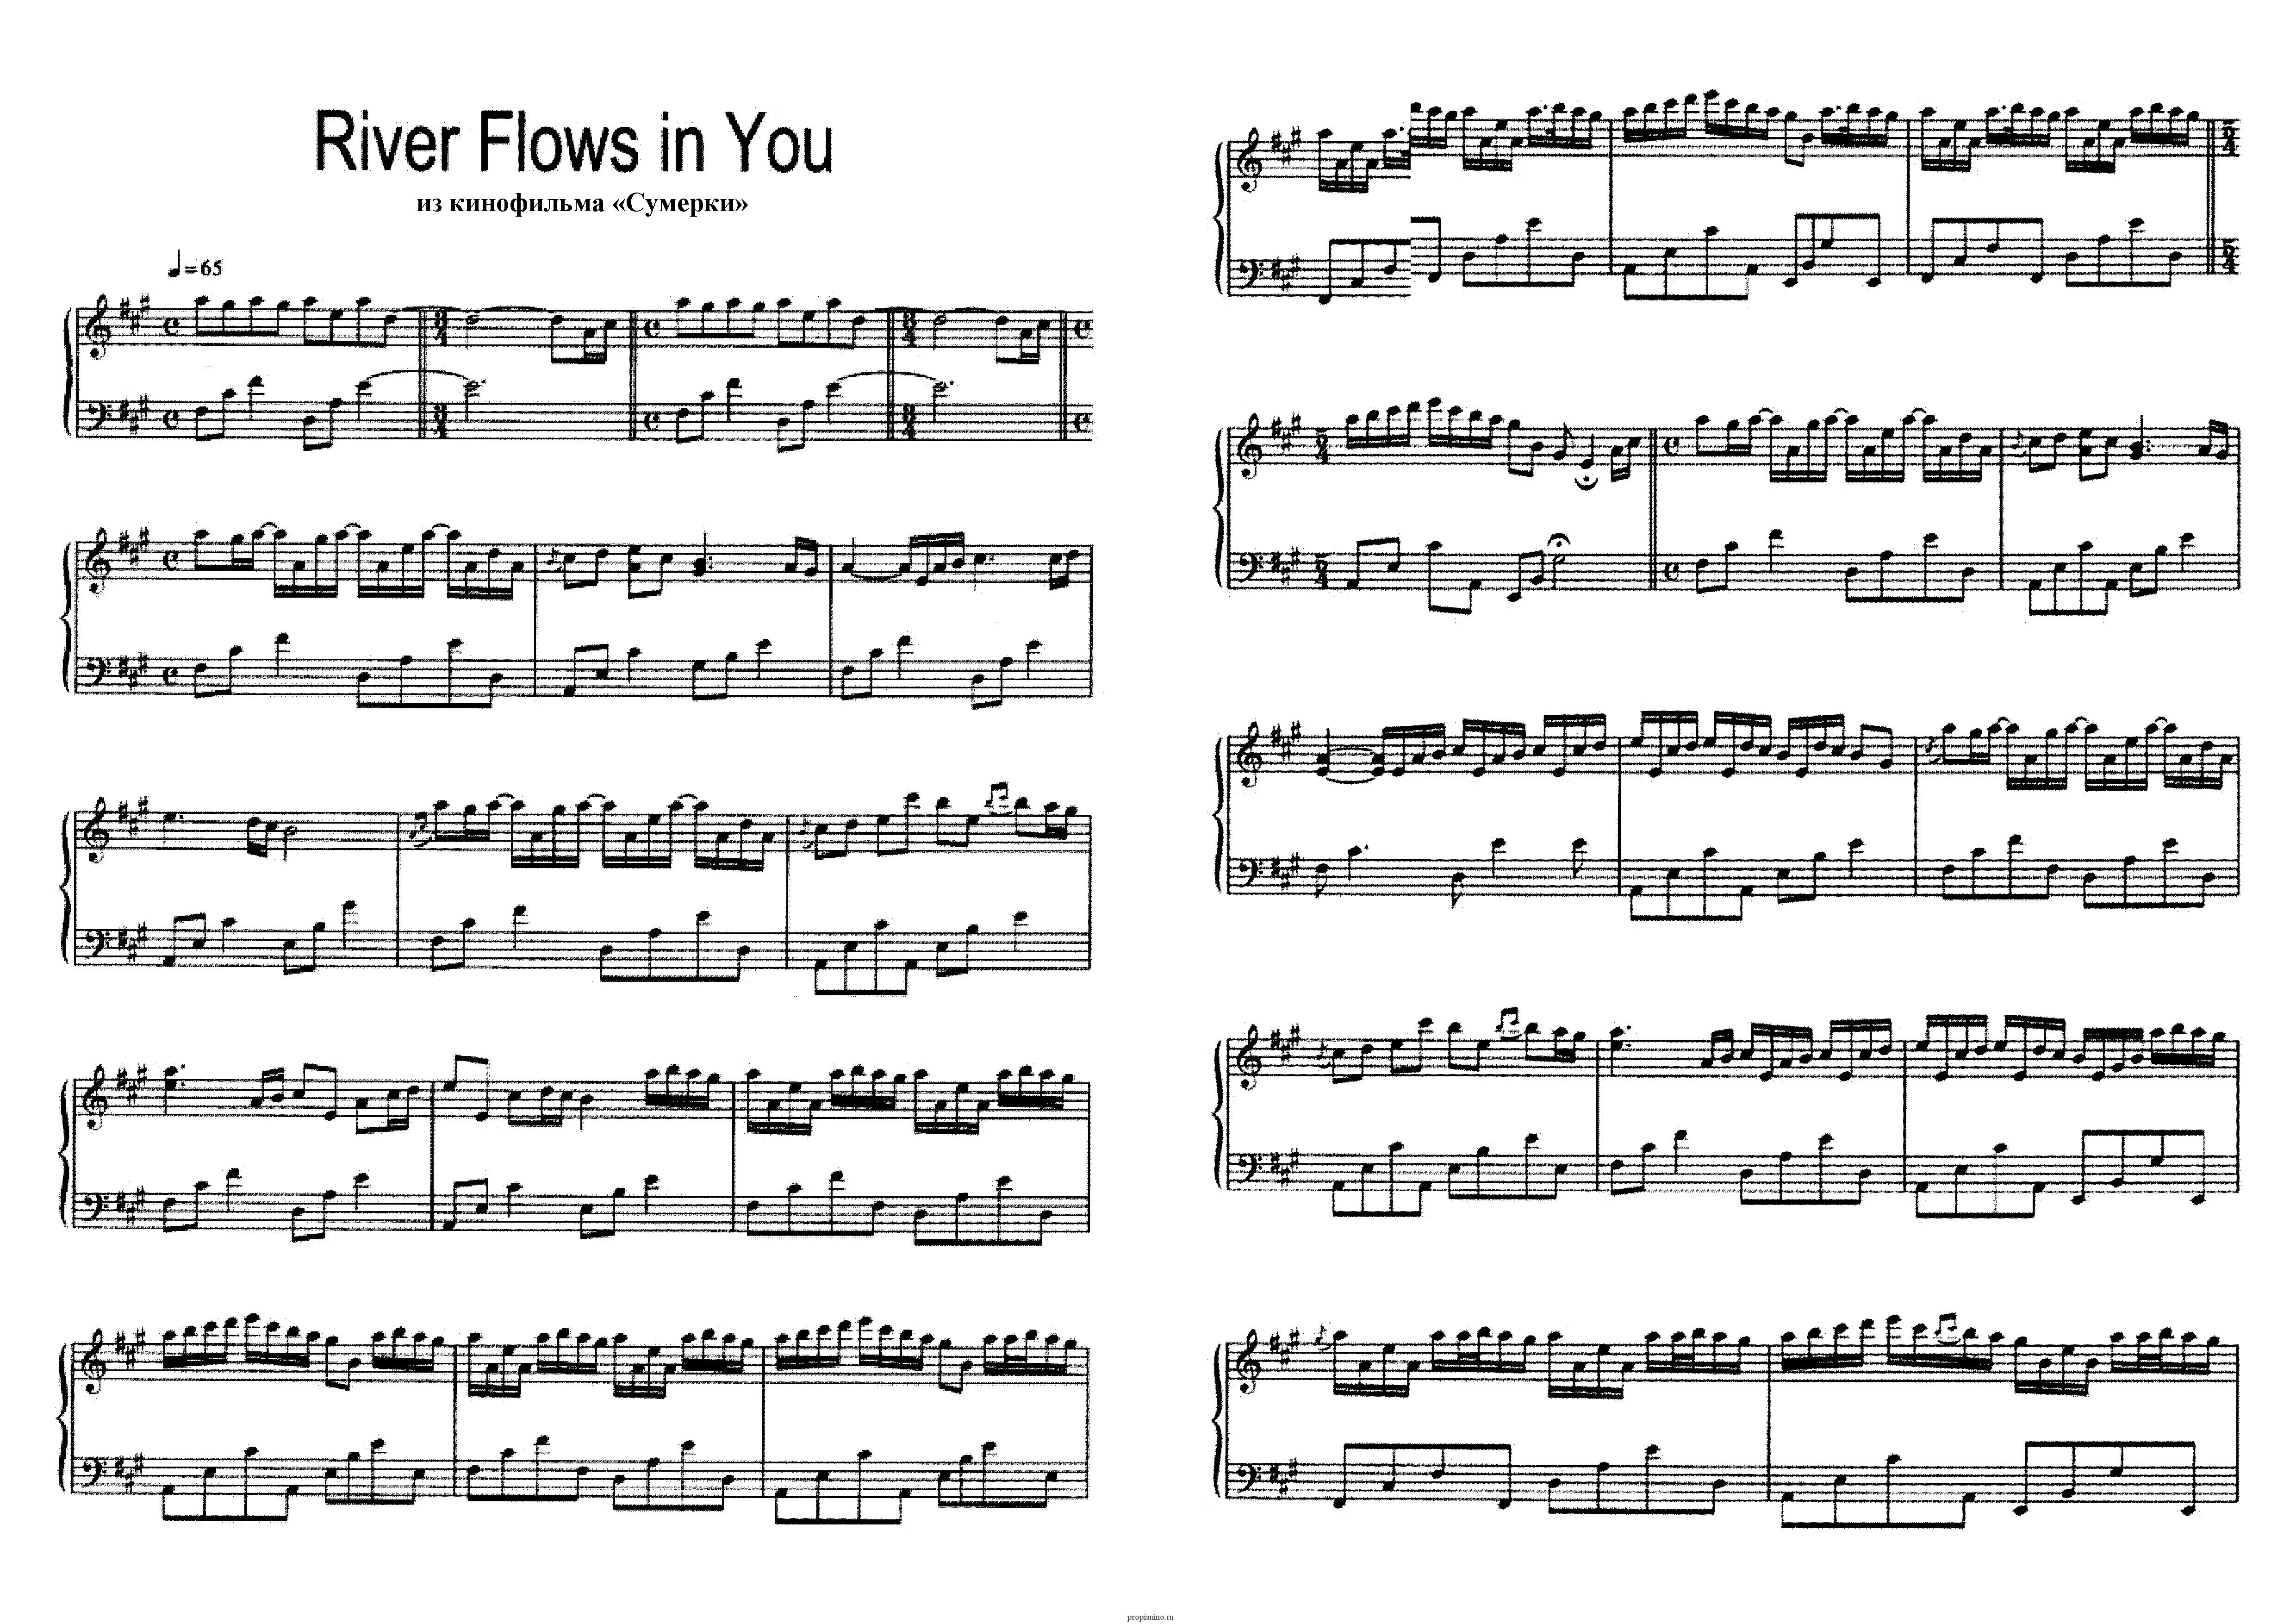 скачать ноты для фортепиано сумерки river flows in you